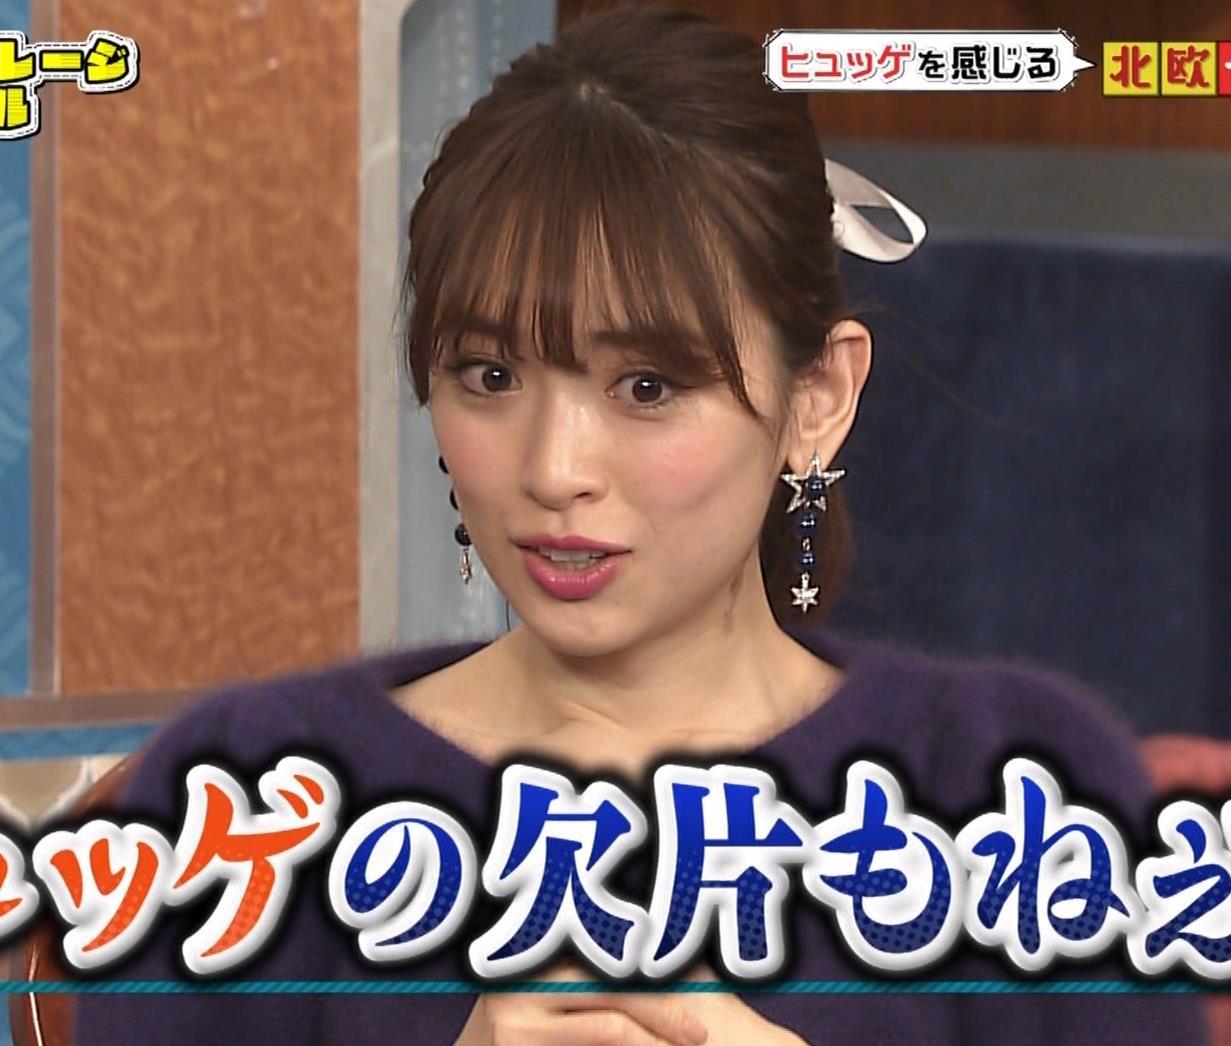 泉里香 ミニスカート▼ゾーンキャプ・エロ画像4